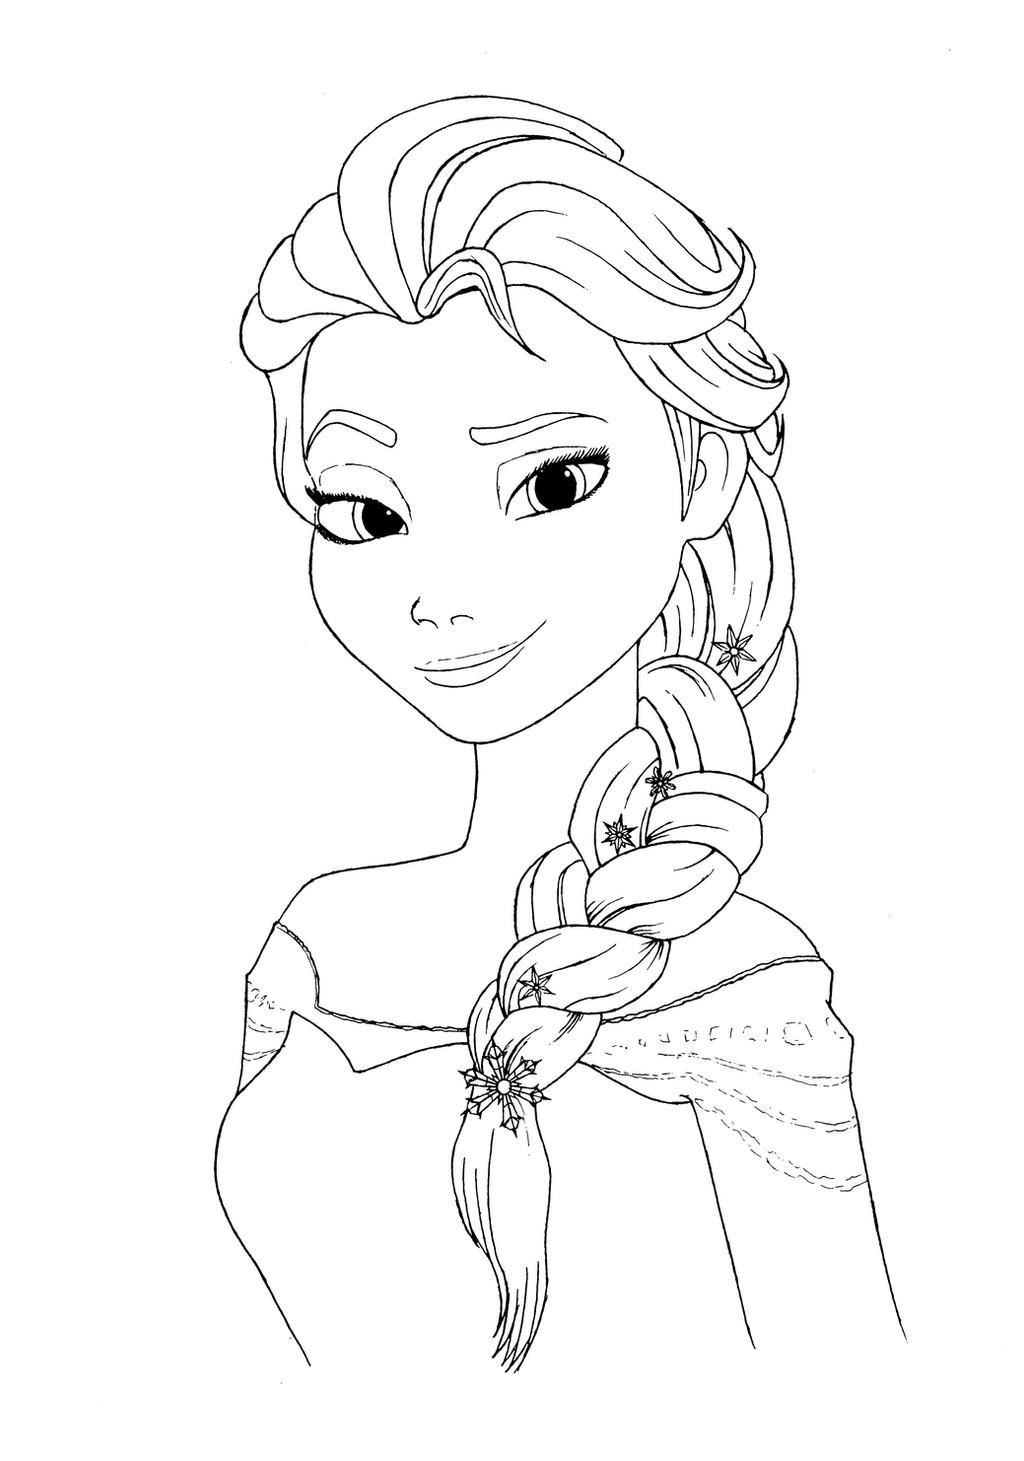 Elsa coloring page by Mortusk on DeviantArt